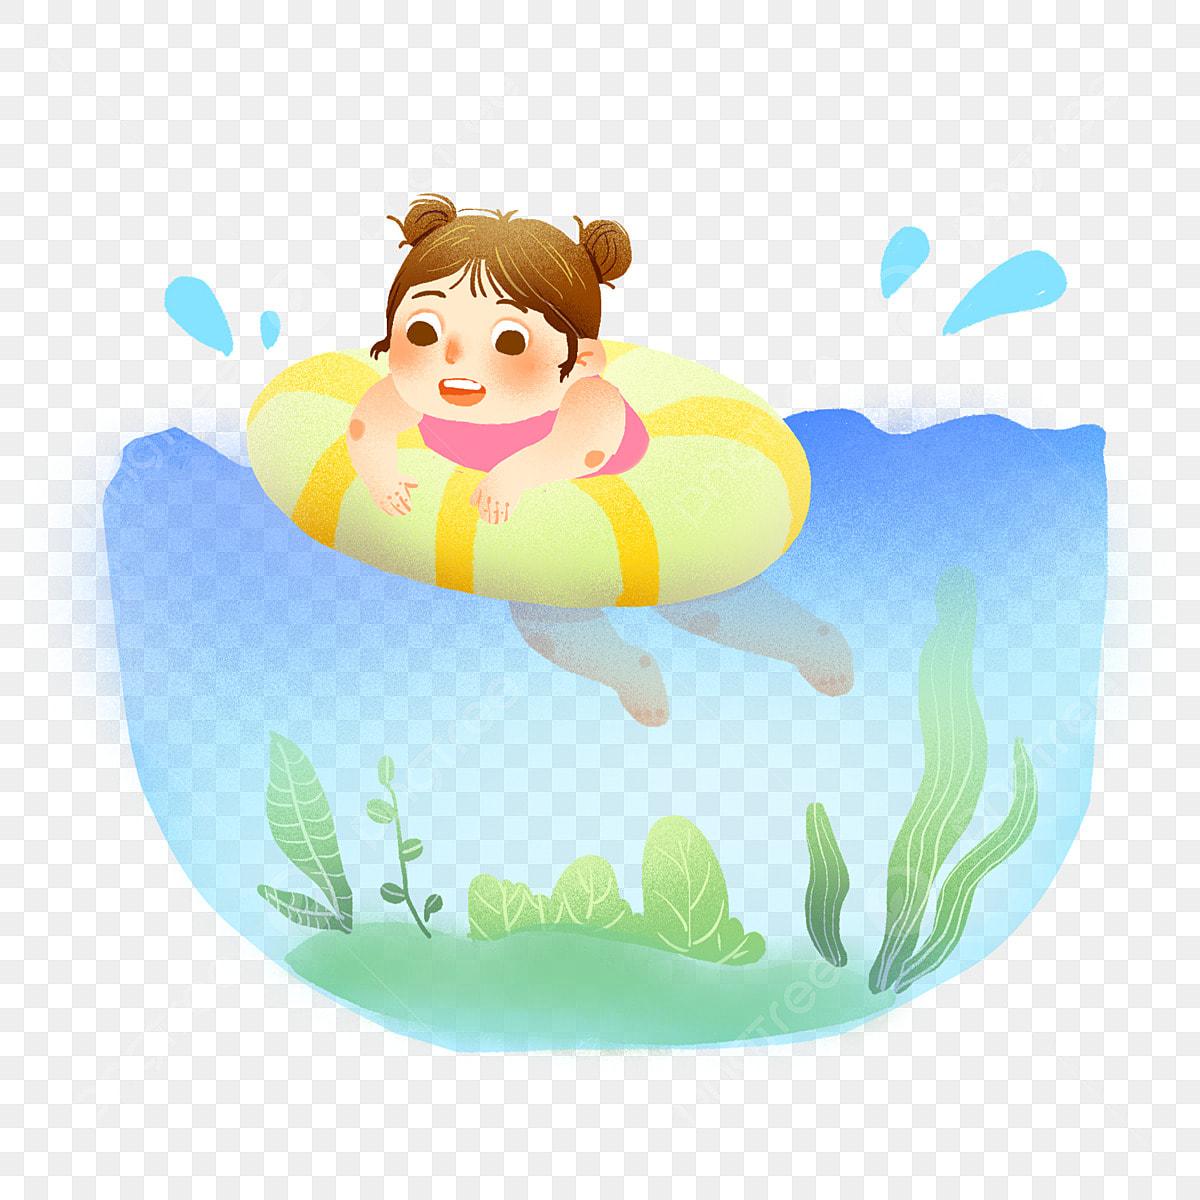 طفل السباحة الكرتون المواد الأطفال كرتون كرتون اطفال Png وملف Psd للتحميل مجانا